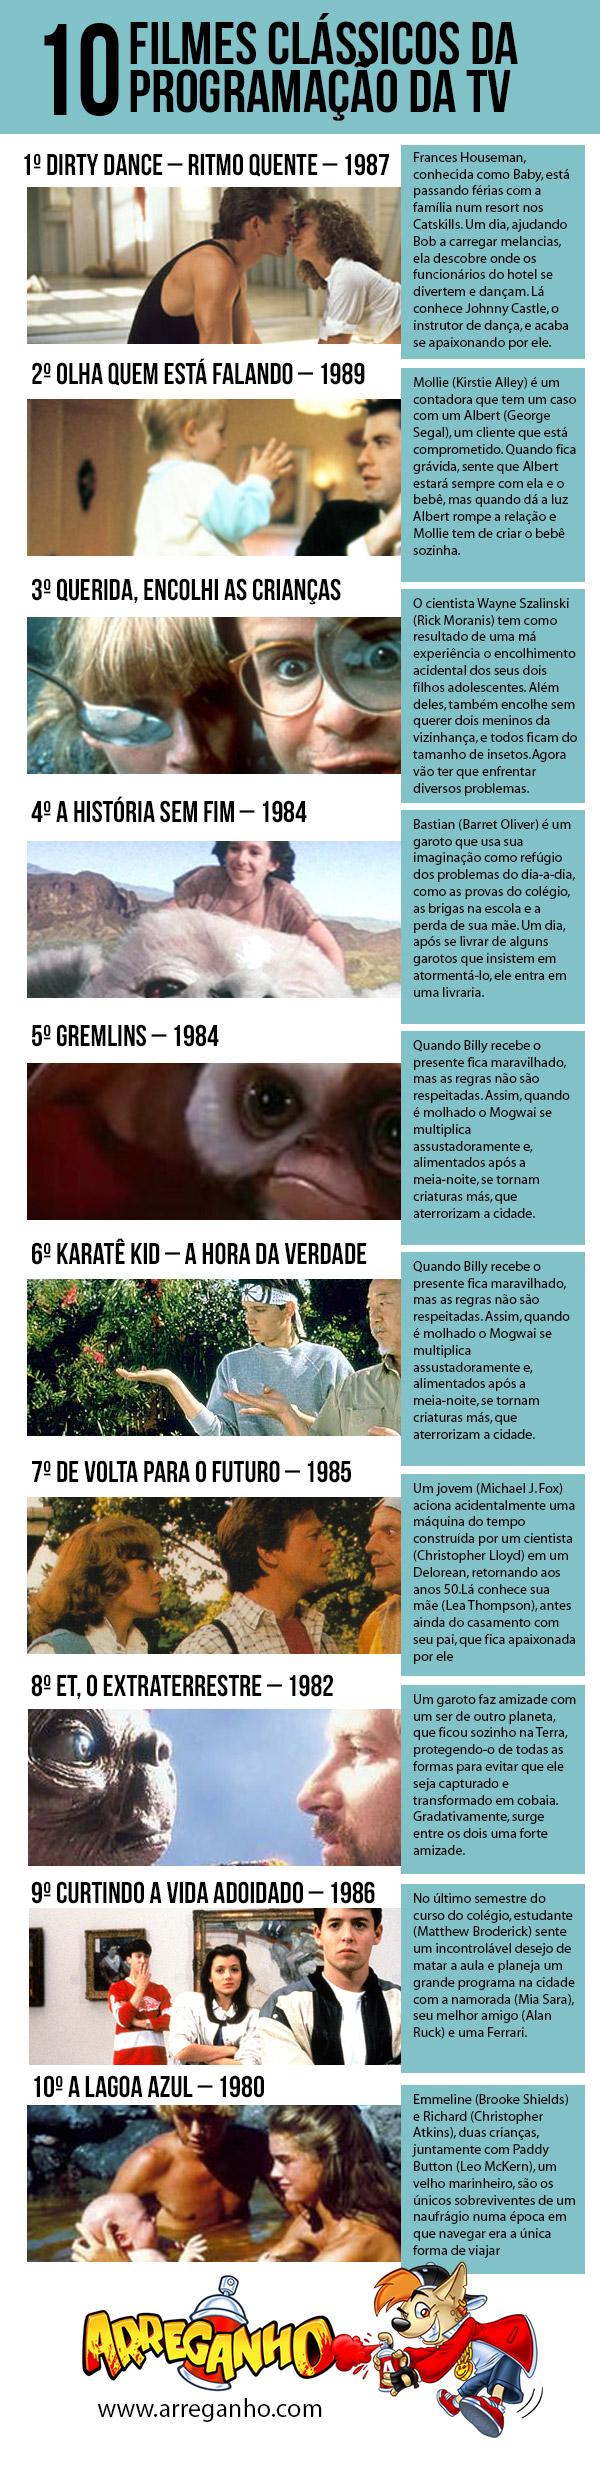 10 Filmes Clássicos da TV